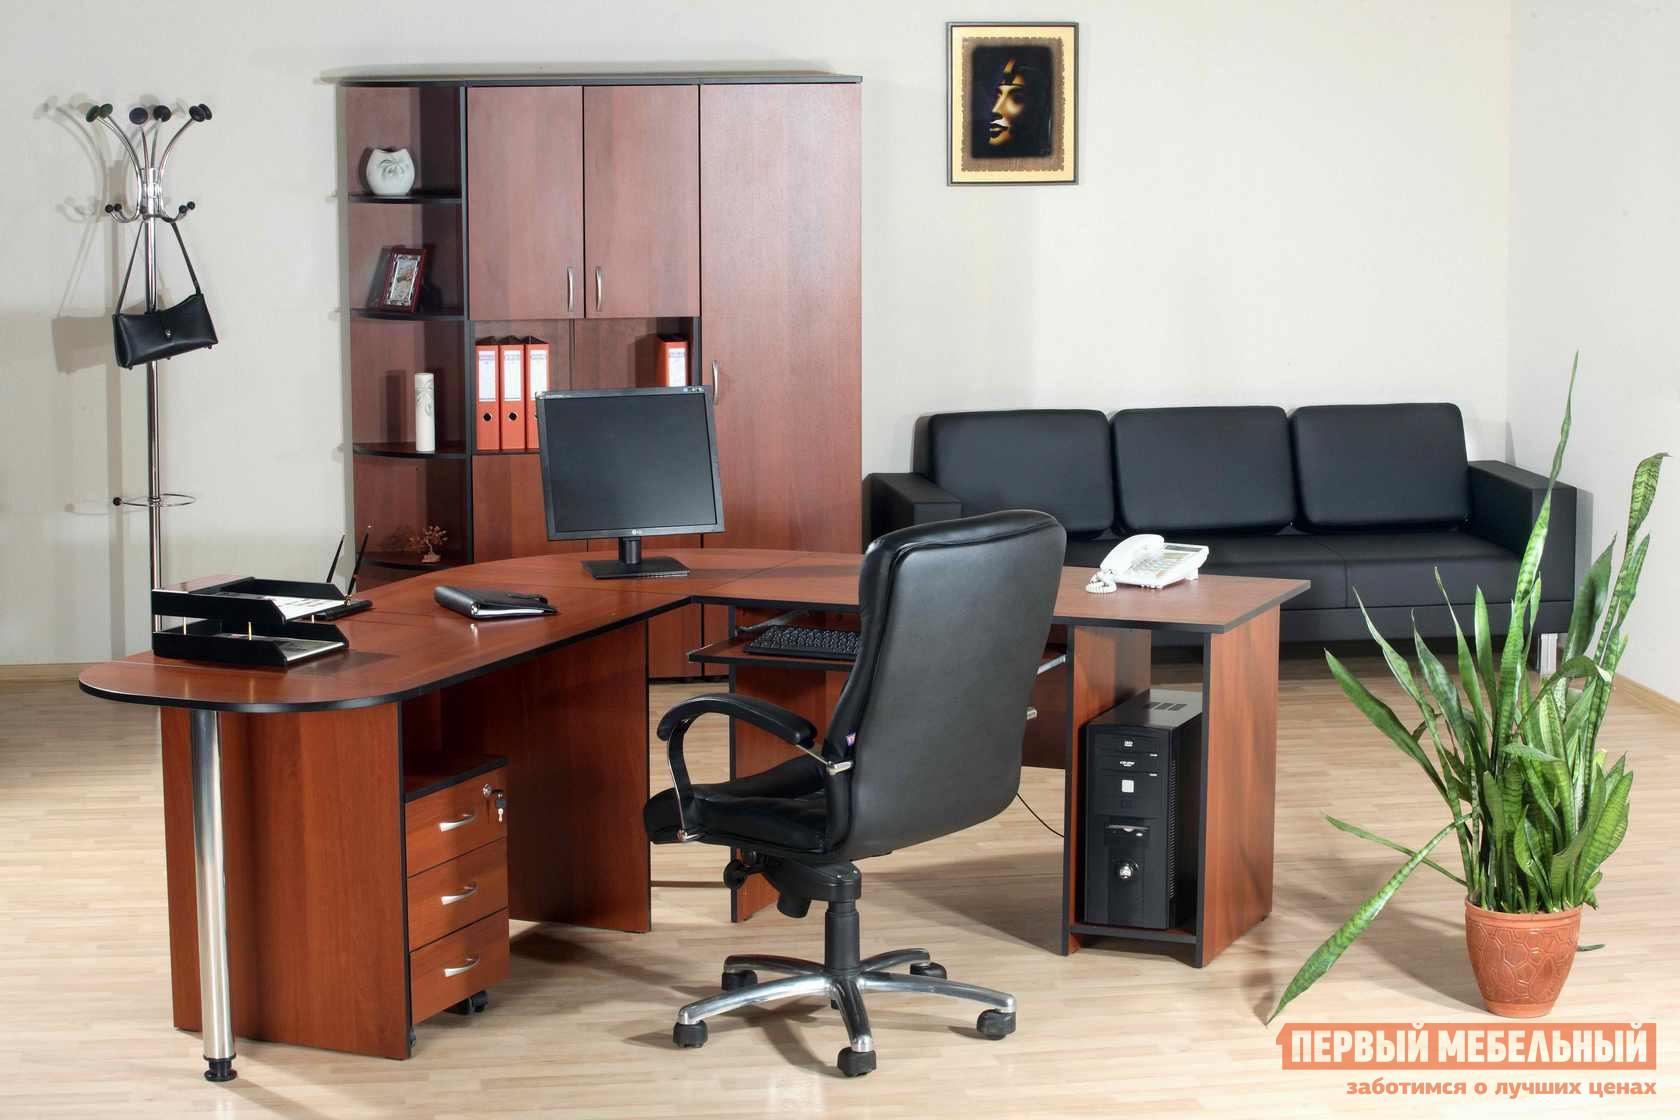 Комплект офисной мебели Витра Рубин К1 комплект детской мебели трия аватар лаванда к1